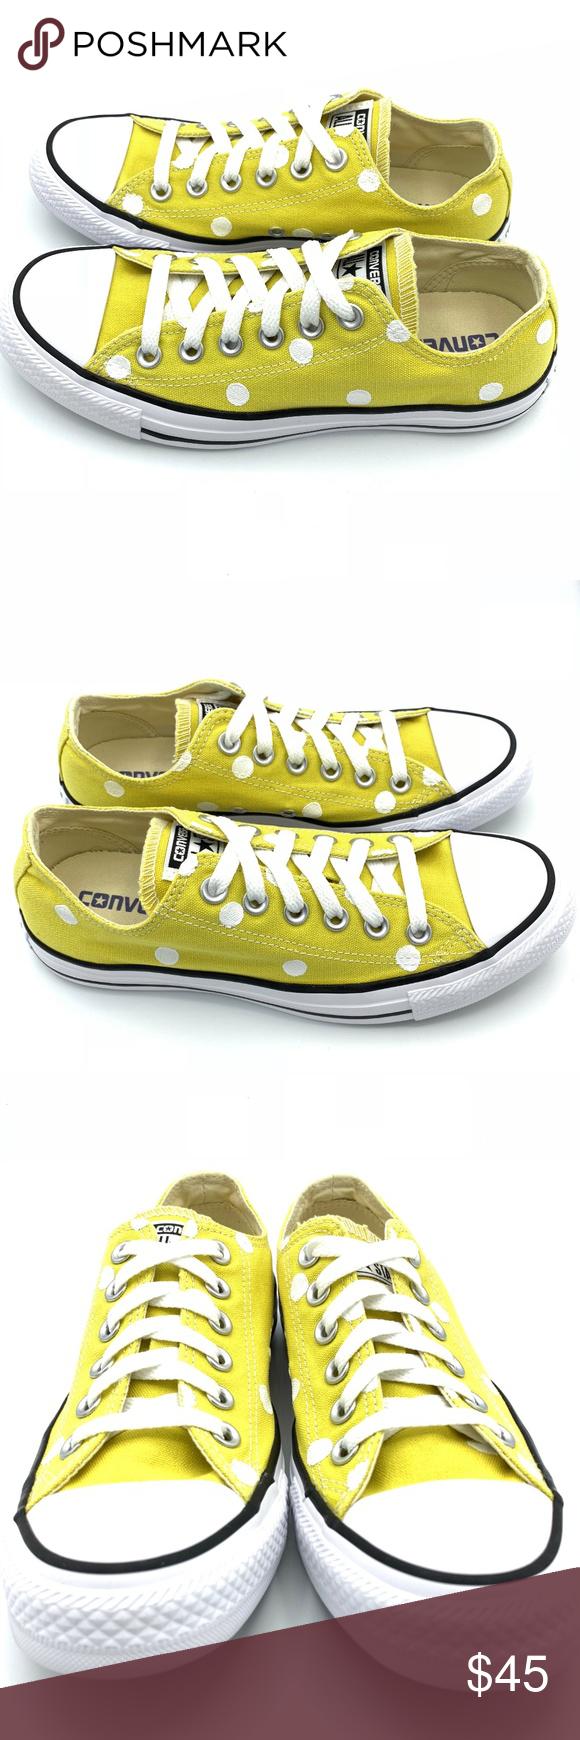 e7ea7b92e8b8 Converse 7.5 BITTER LEMON Yellow Polka Dot CTAS Hand painted unisex Converse  Chuck Taylor All-